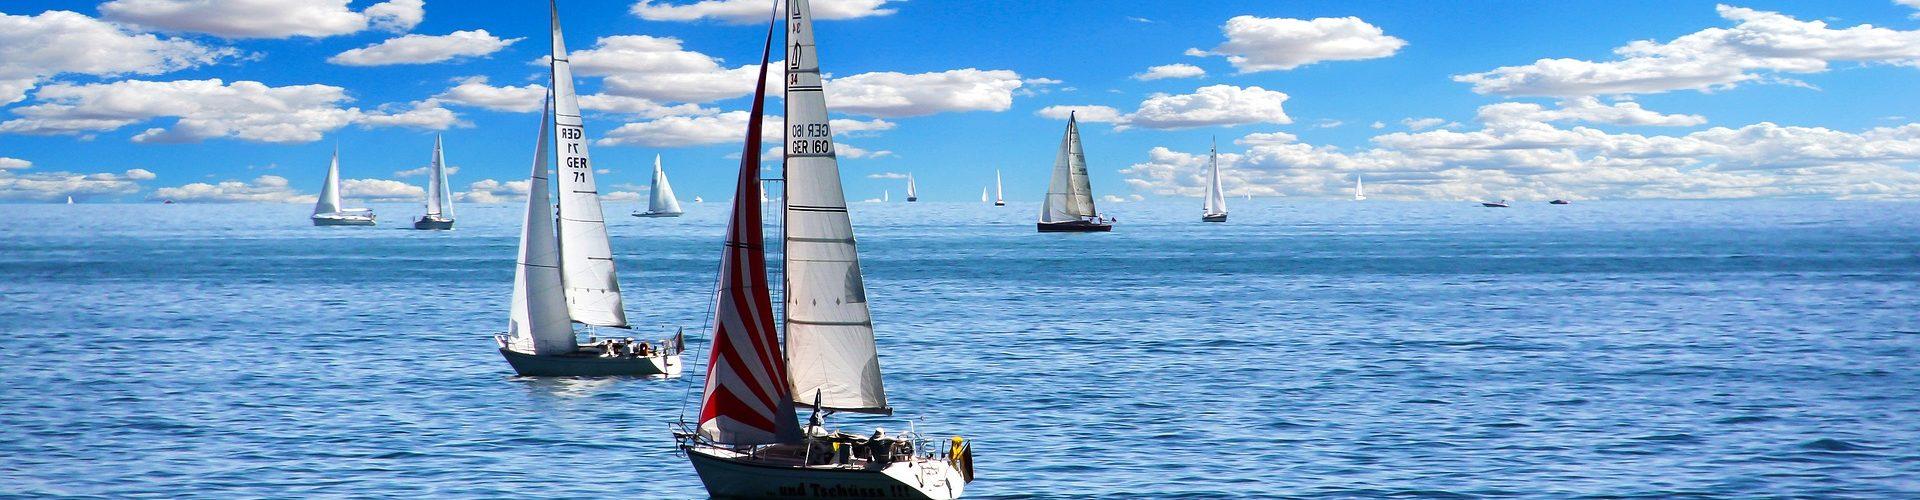 segeln lernen in Wolzig segelschein machen in Wolzig 1920x500 - Segeln lernen in Wolzig